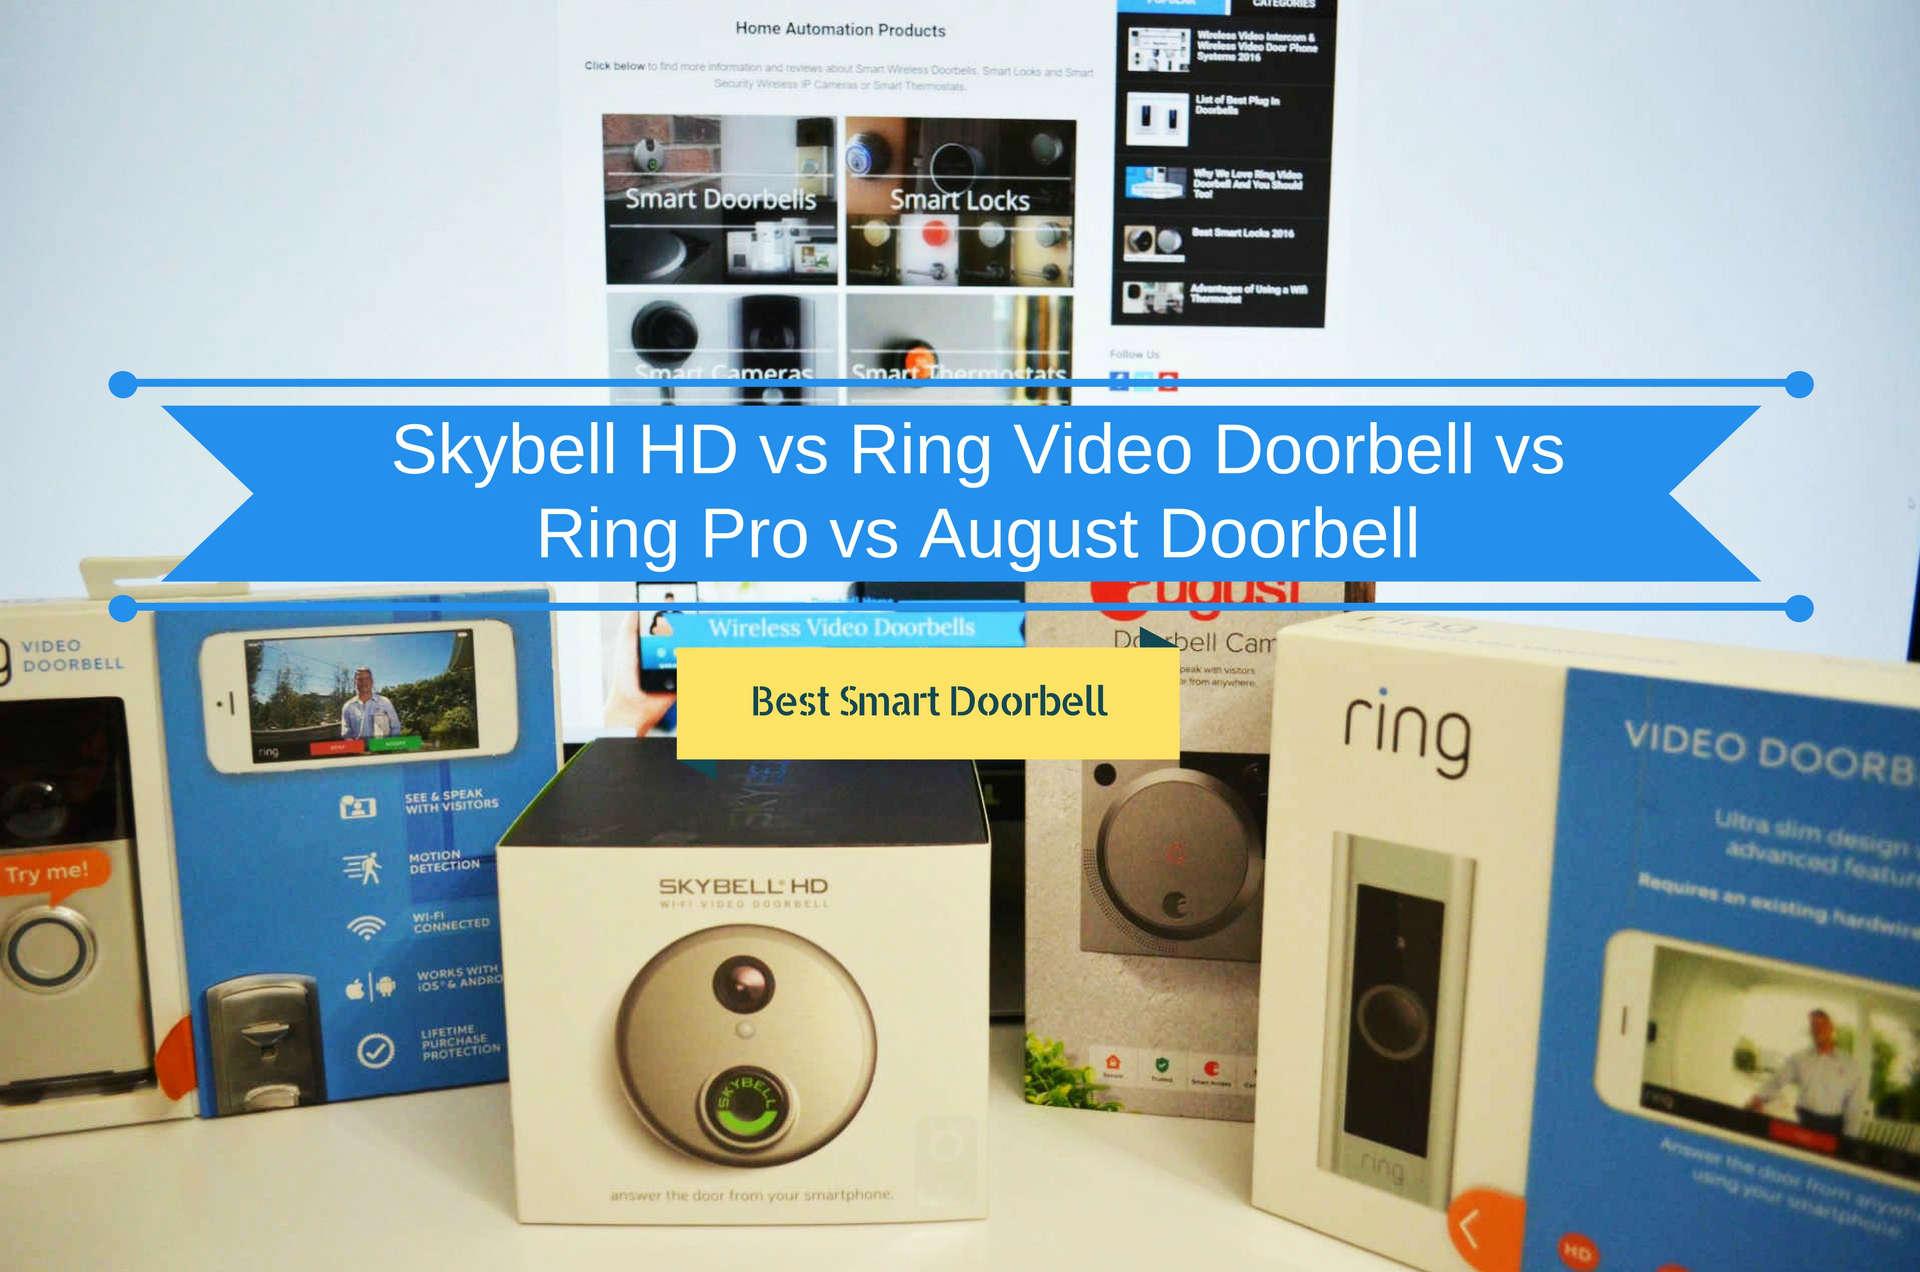 Skybell HD vs Ring Video Doorbell vs Ring Pro vs August Doorbell - Best Smart Doorbell